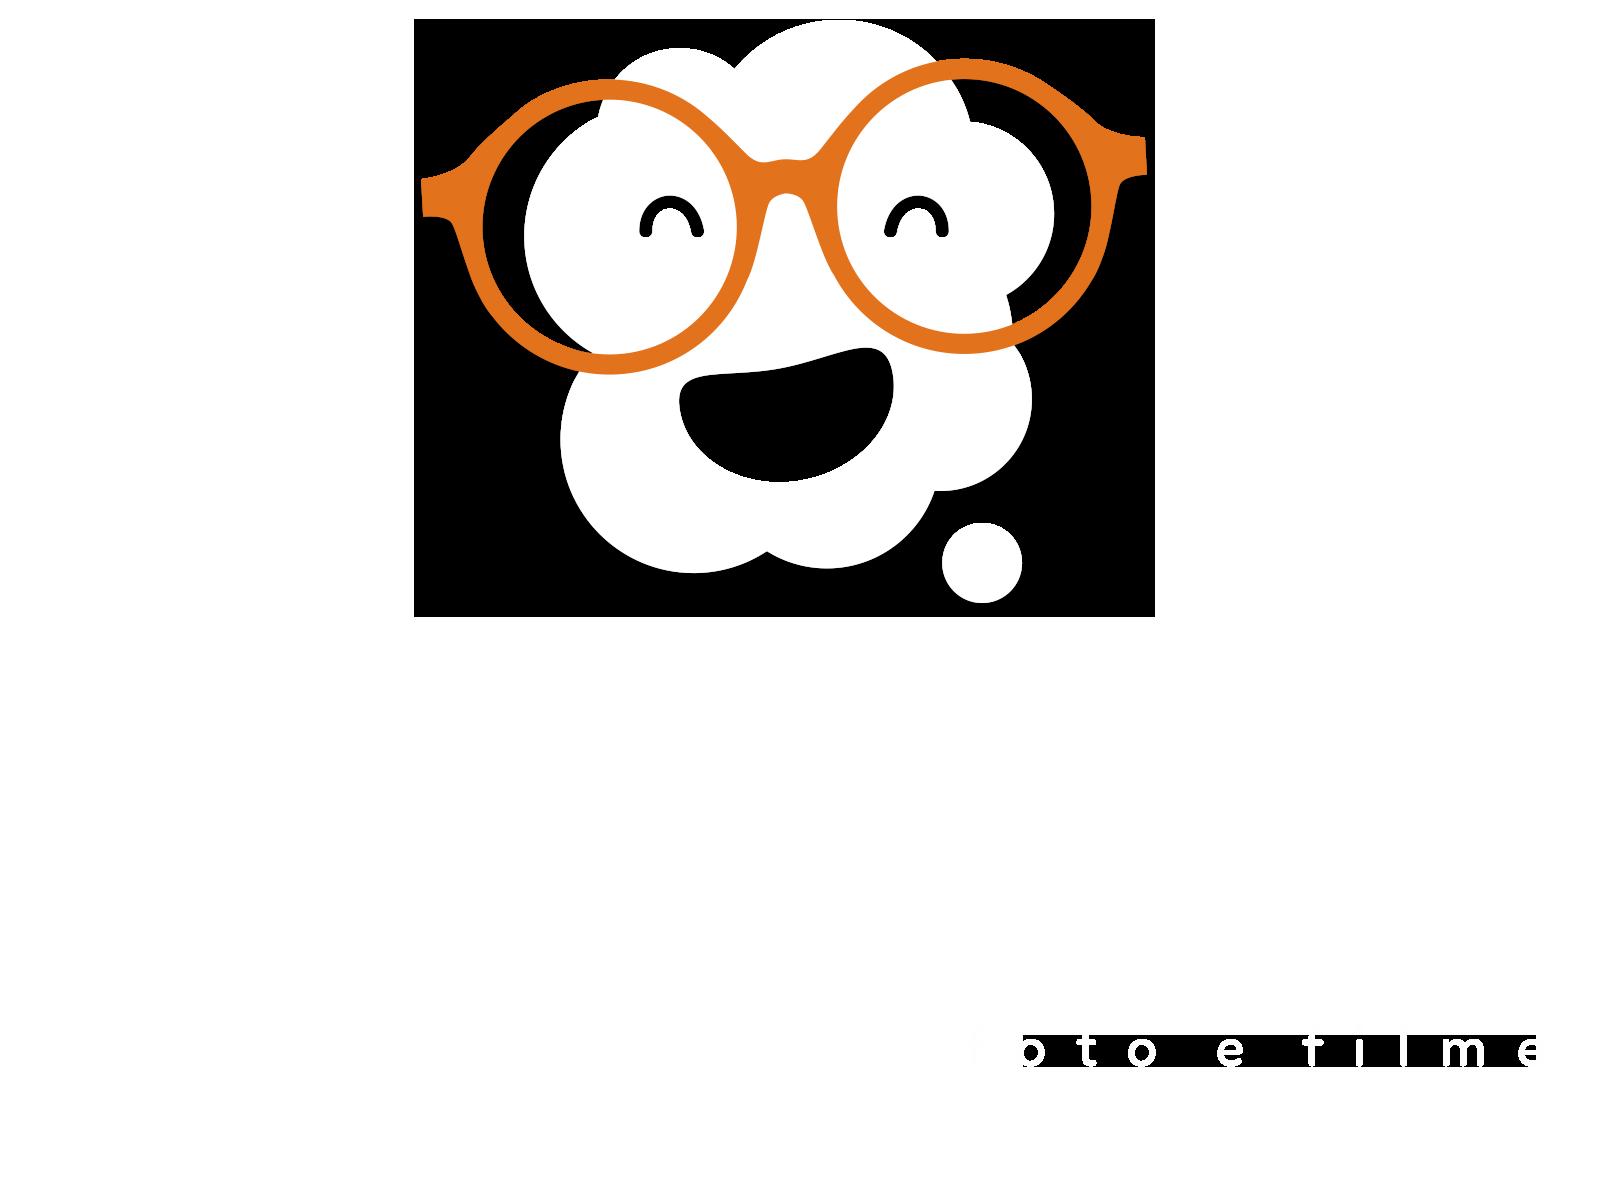 Sobre Imagine Foto e Filme